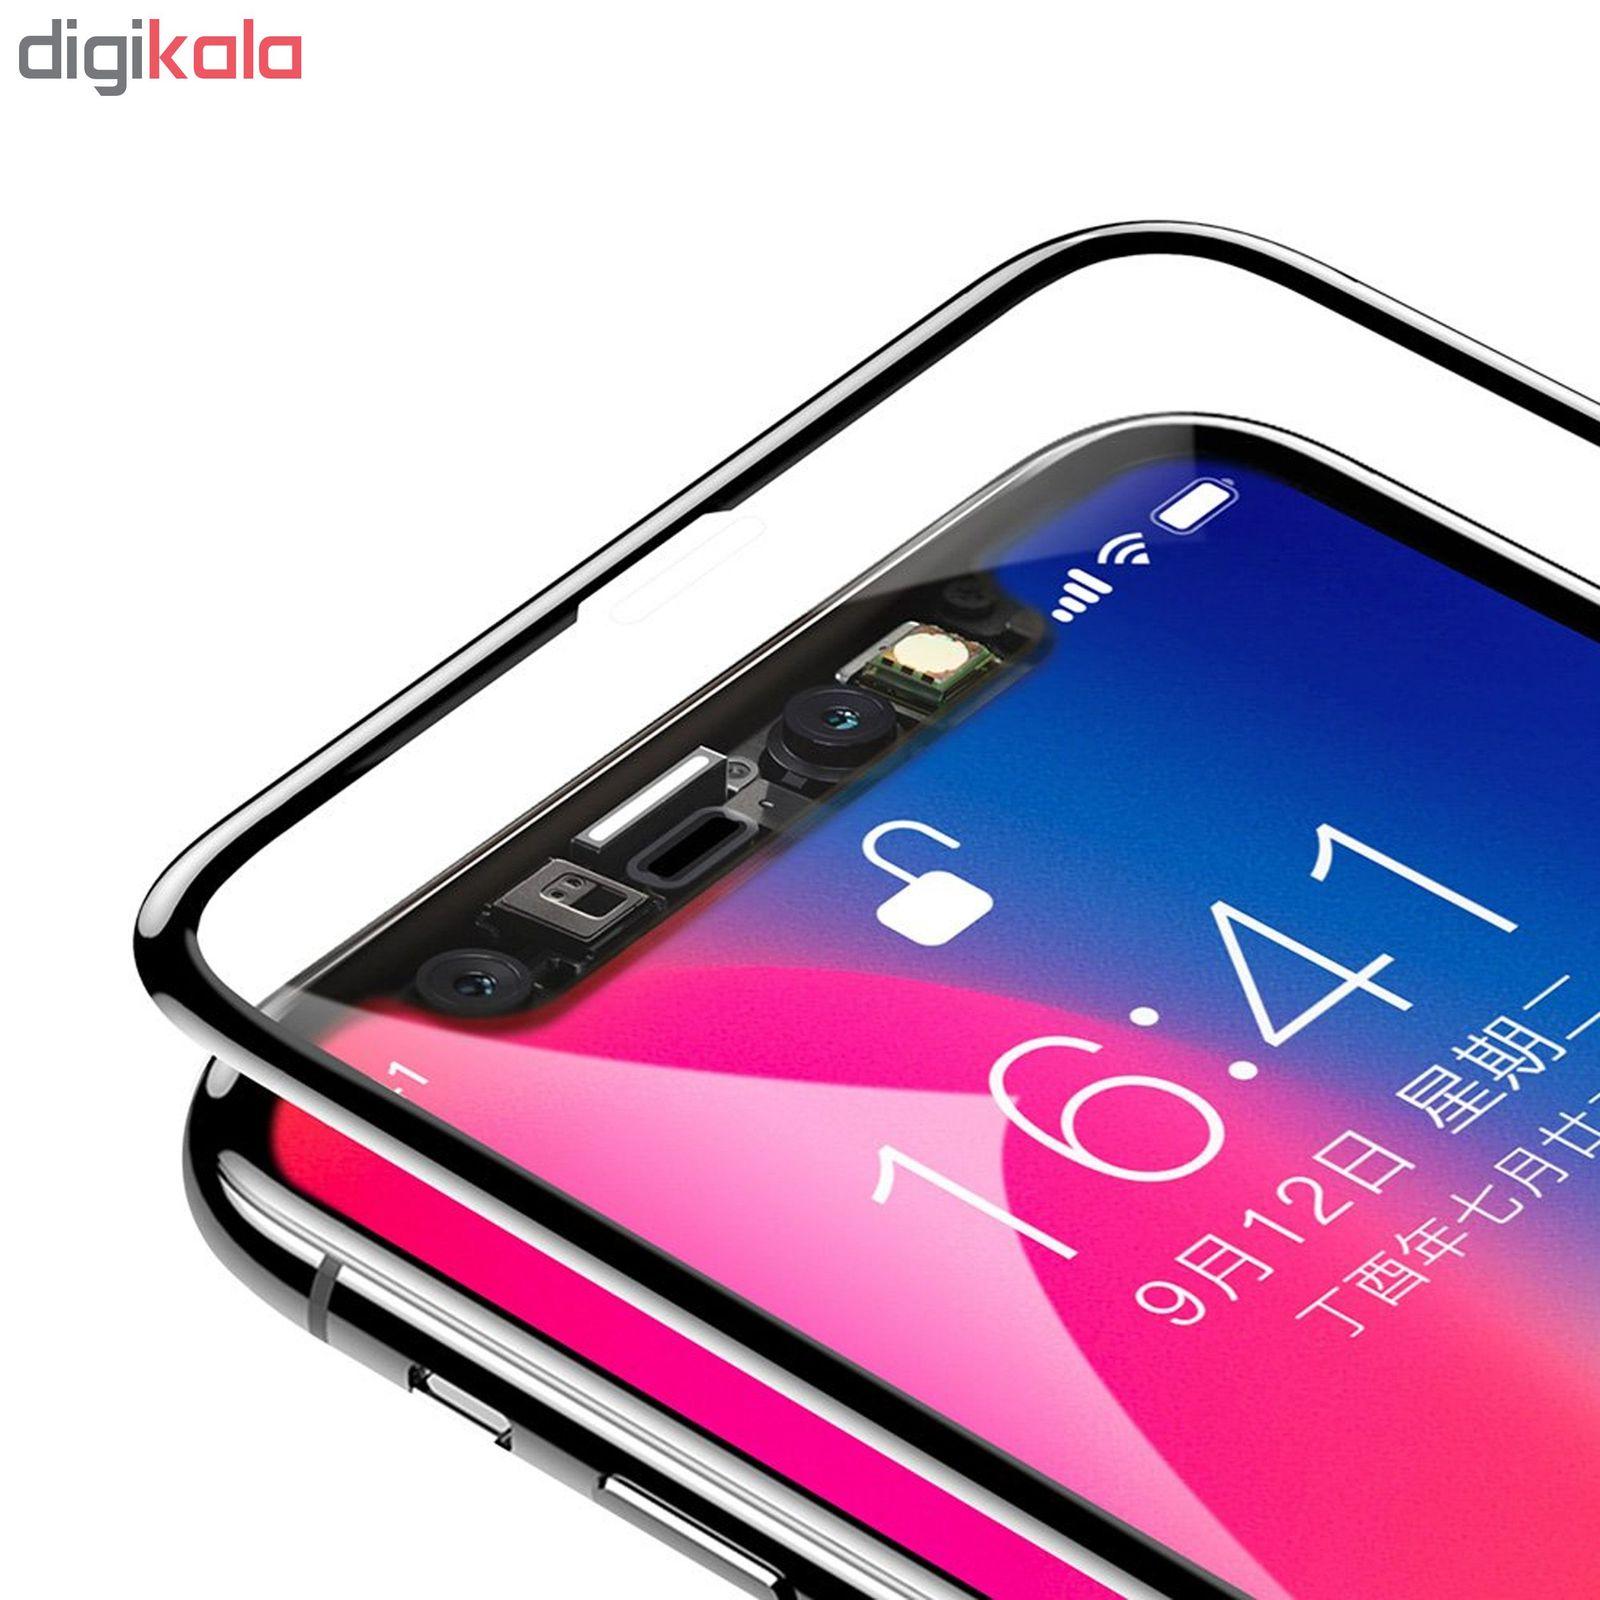 محافظ صفحه نمایش اسپایدر مدل S-FG11 مناسب برای گوشی موبایل اپل iPhone 11 Pro Max main 1 1